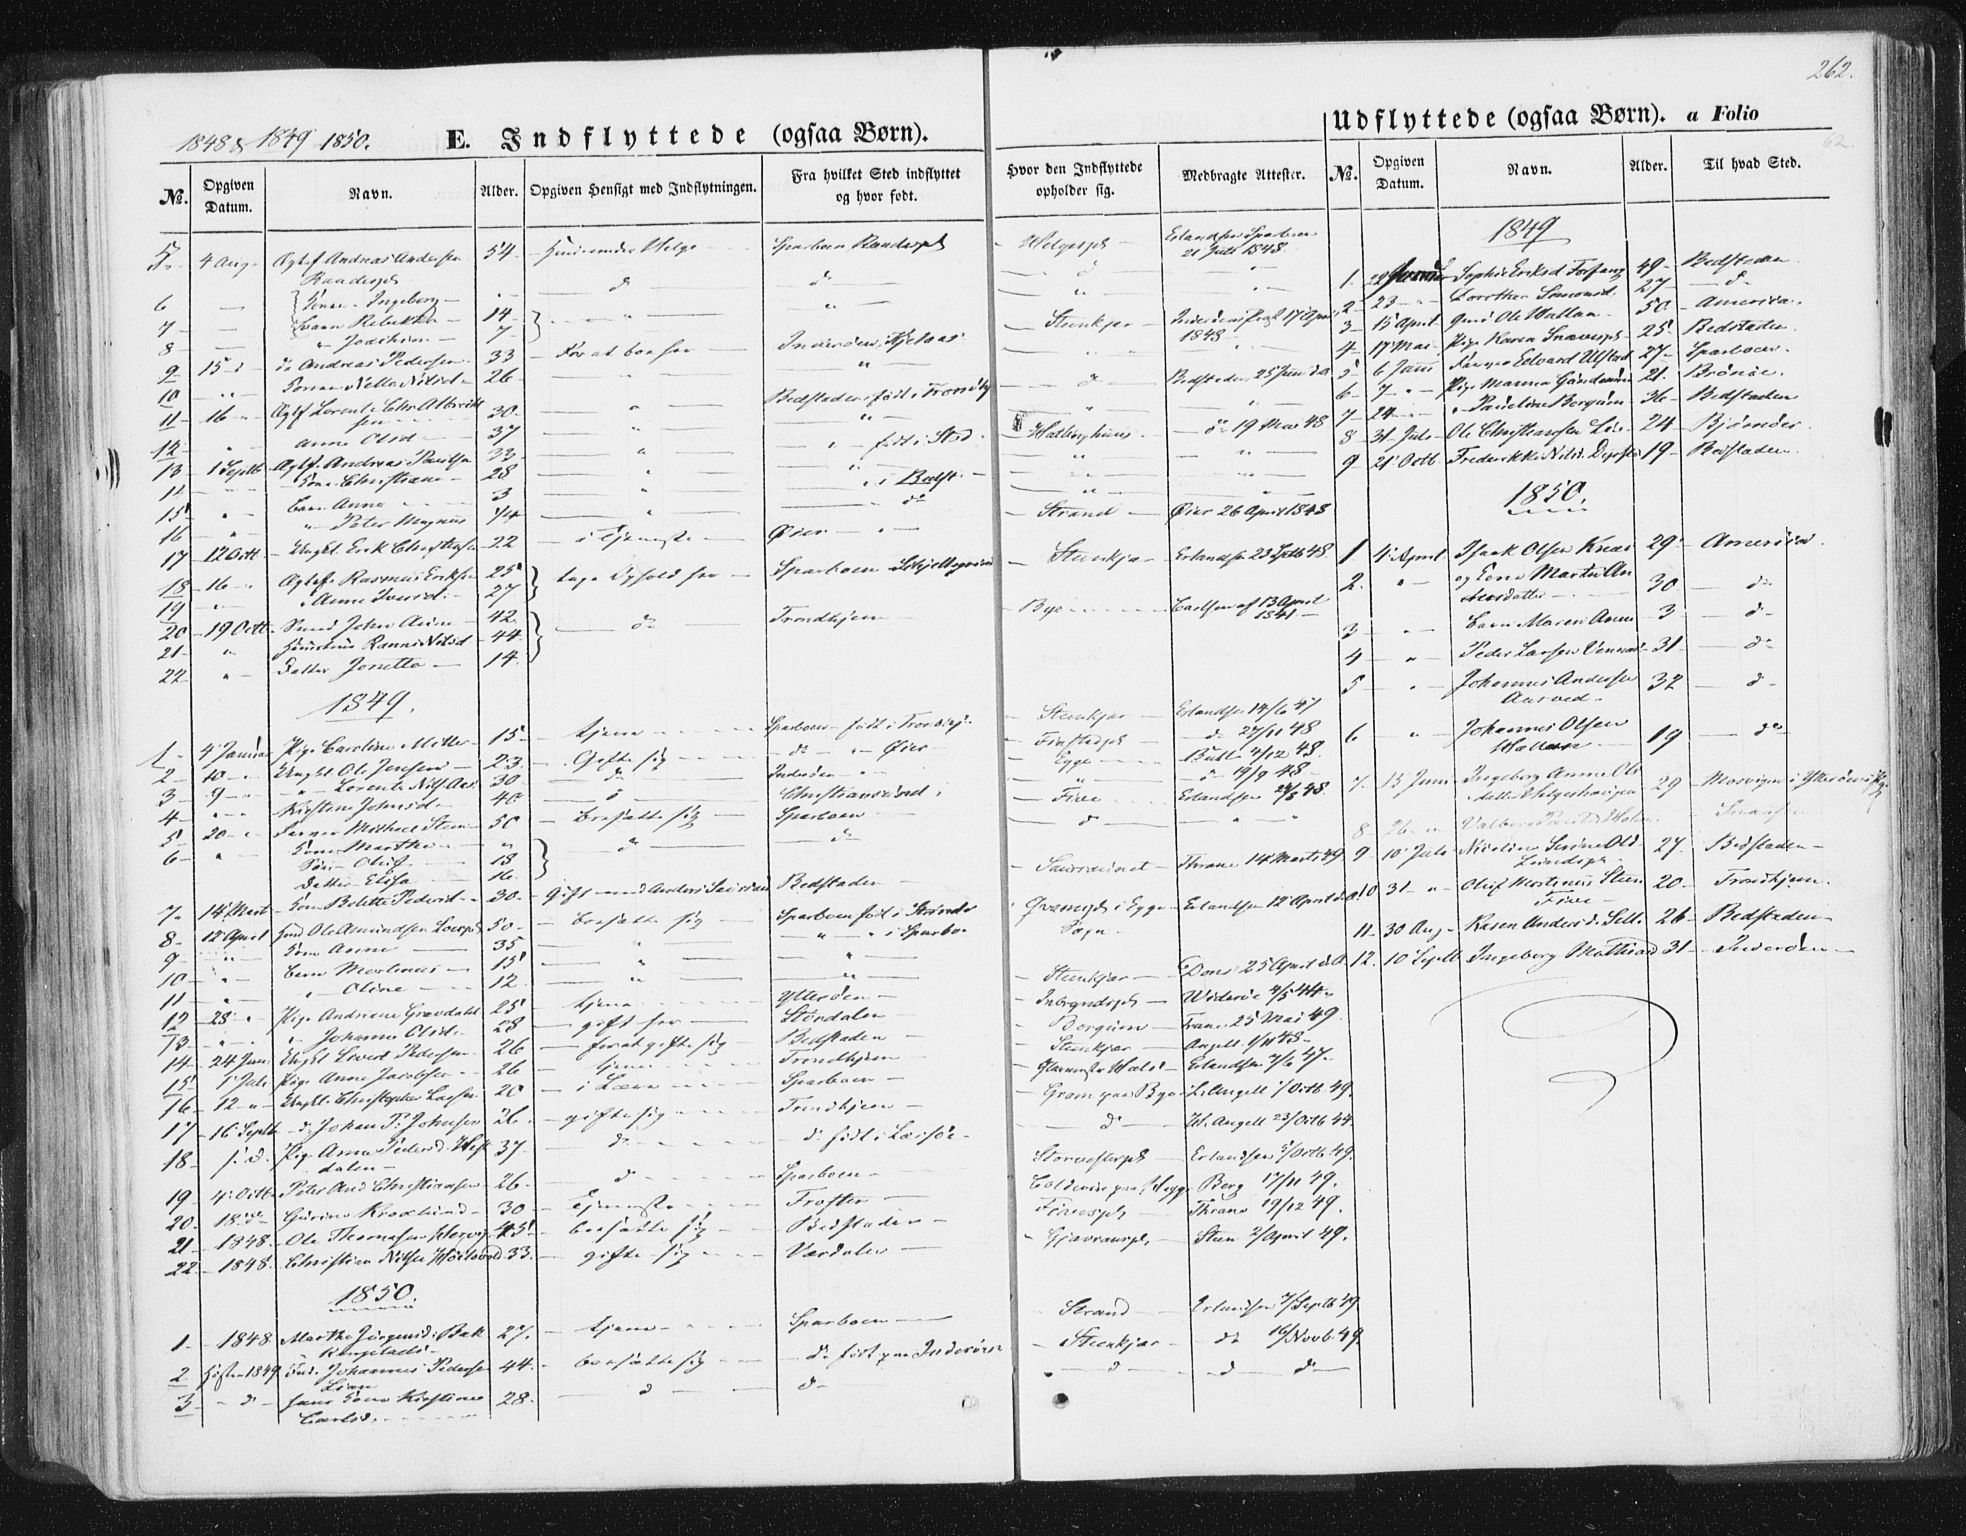 SAT, Ministerialprotokoller, klokkerbøker og fødselsregistre - Nord-Trøndelag, 746/L0446: Ministerialbok nr. 746A05, 1846-1859, s. 262